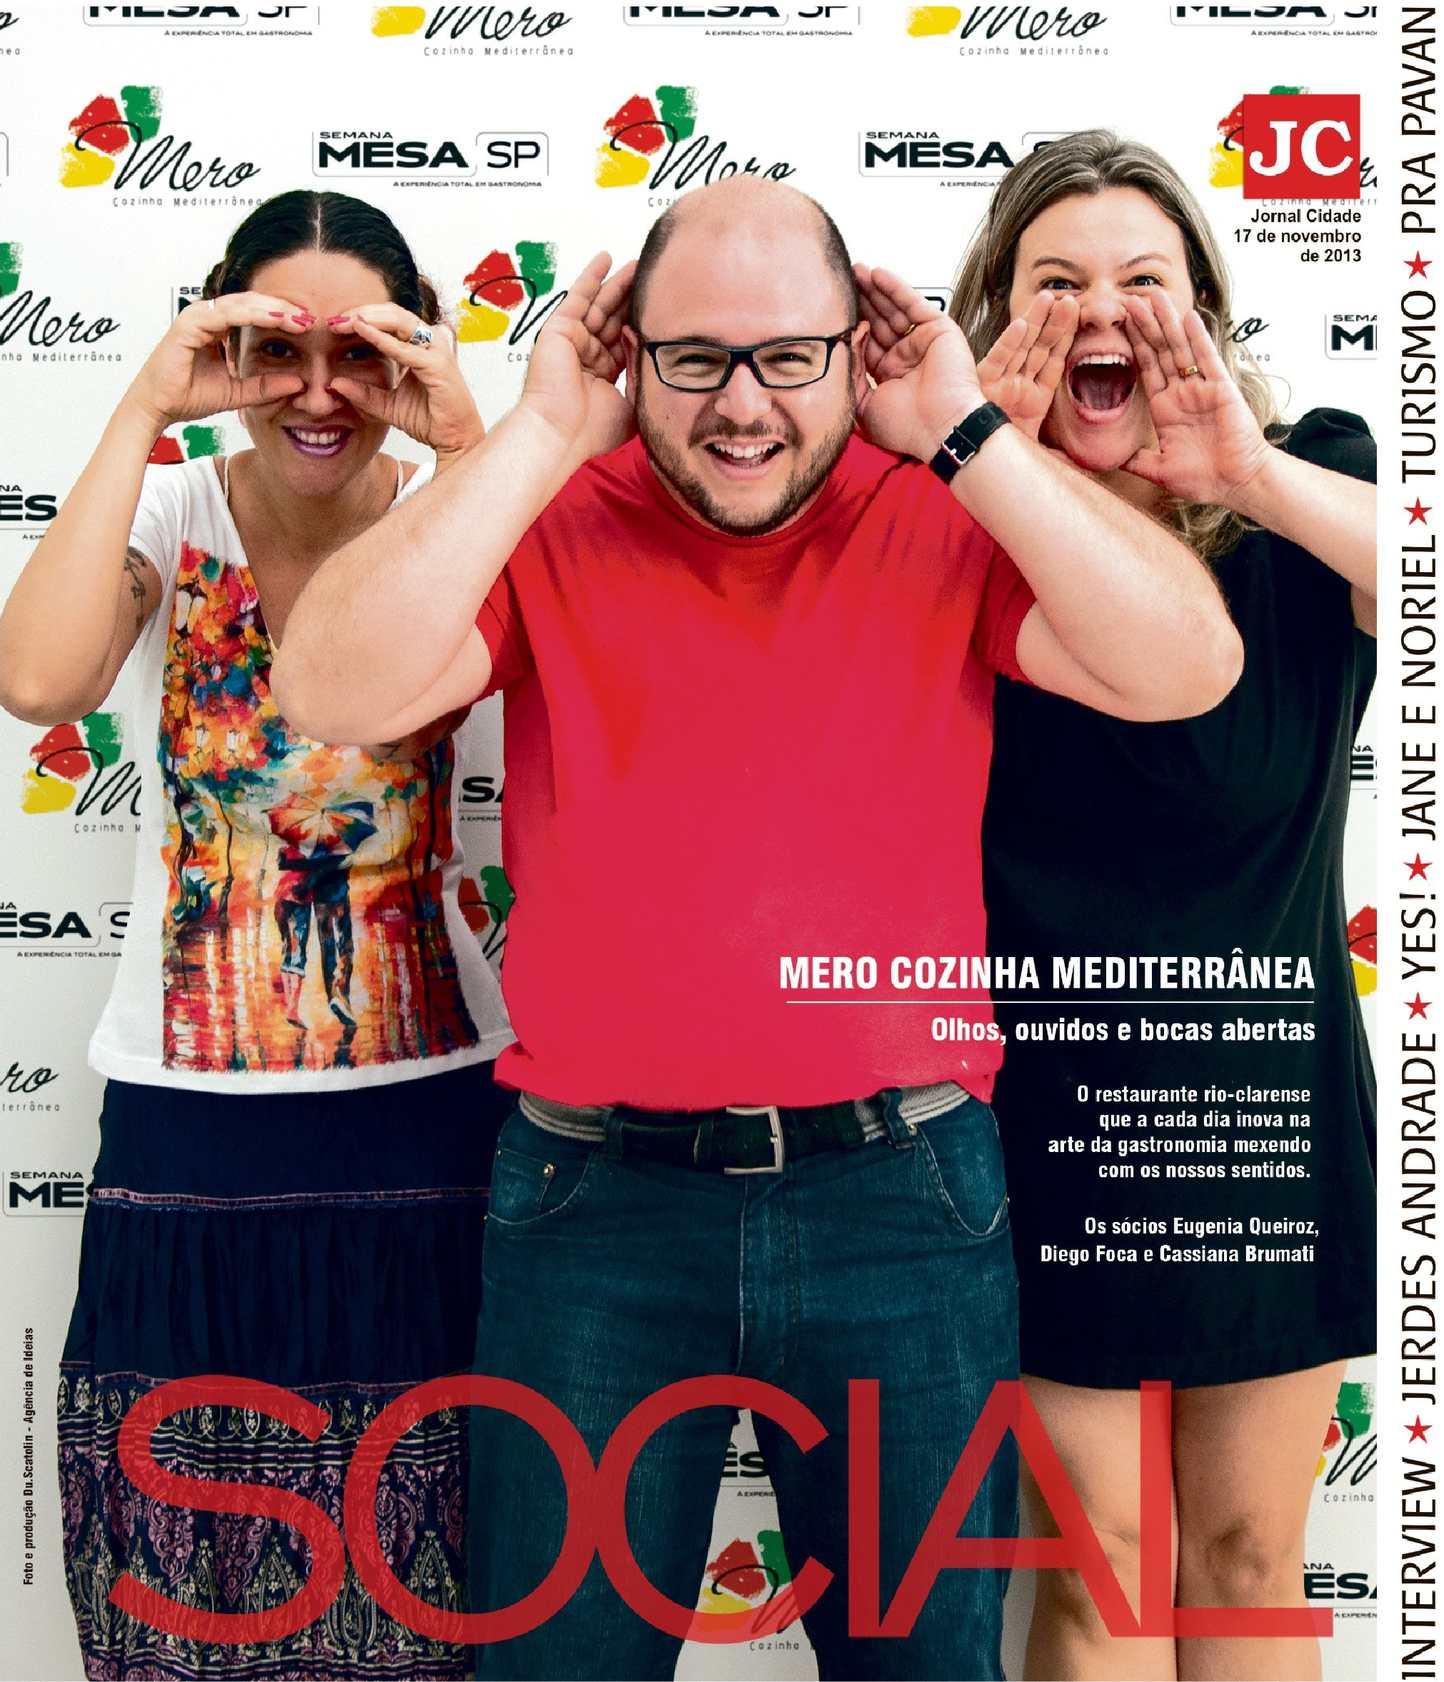 Calaméo - SOCIAL 17-11-2013 e1961a6694